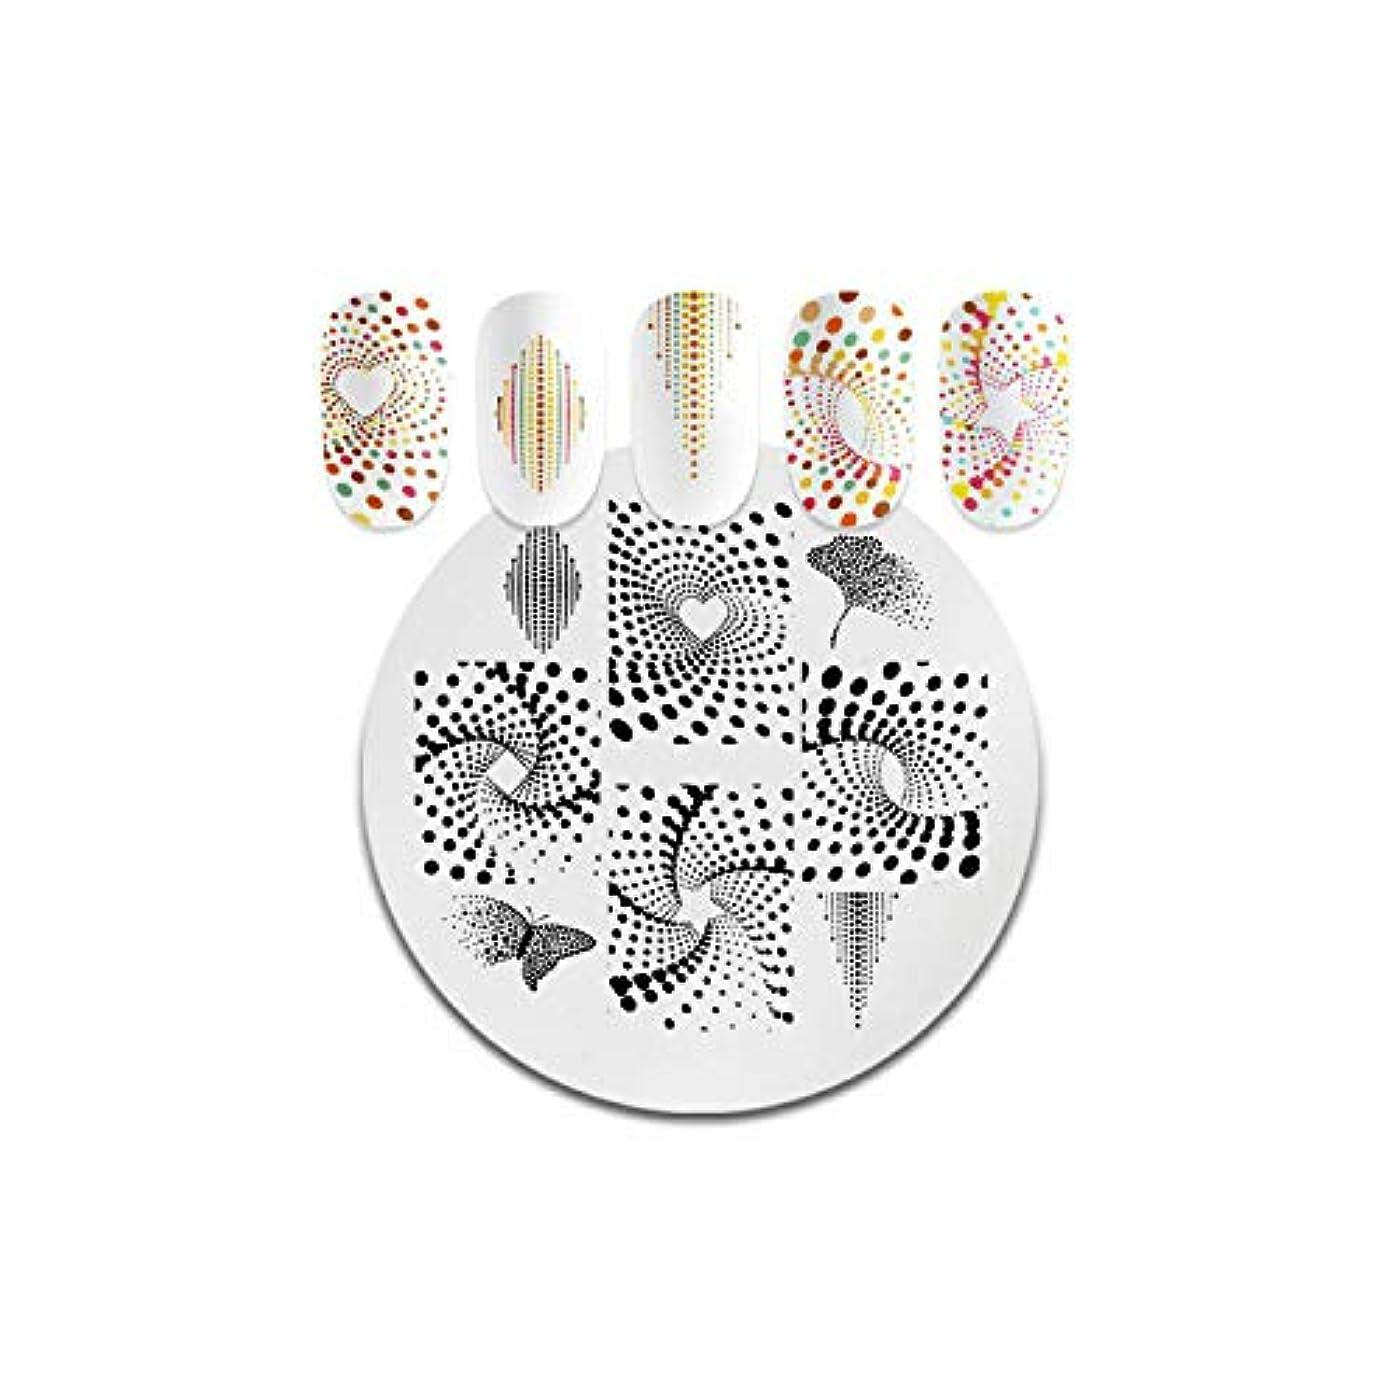 相談する成分ペンダントAKIROKスクエアラウンドネイルスタンピングプレート動物パターンステンレススチールスタンピングテンプレートネイルアートデザインツール,PY-Y002